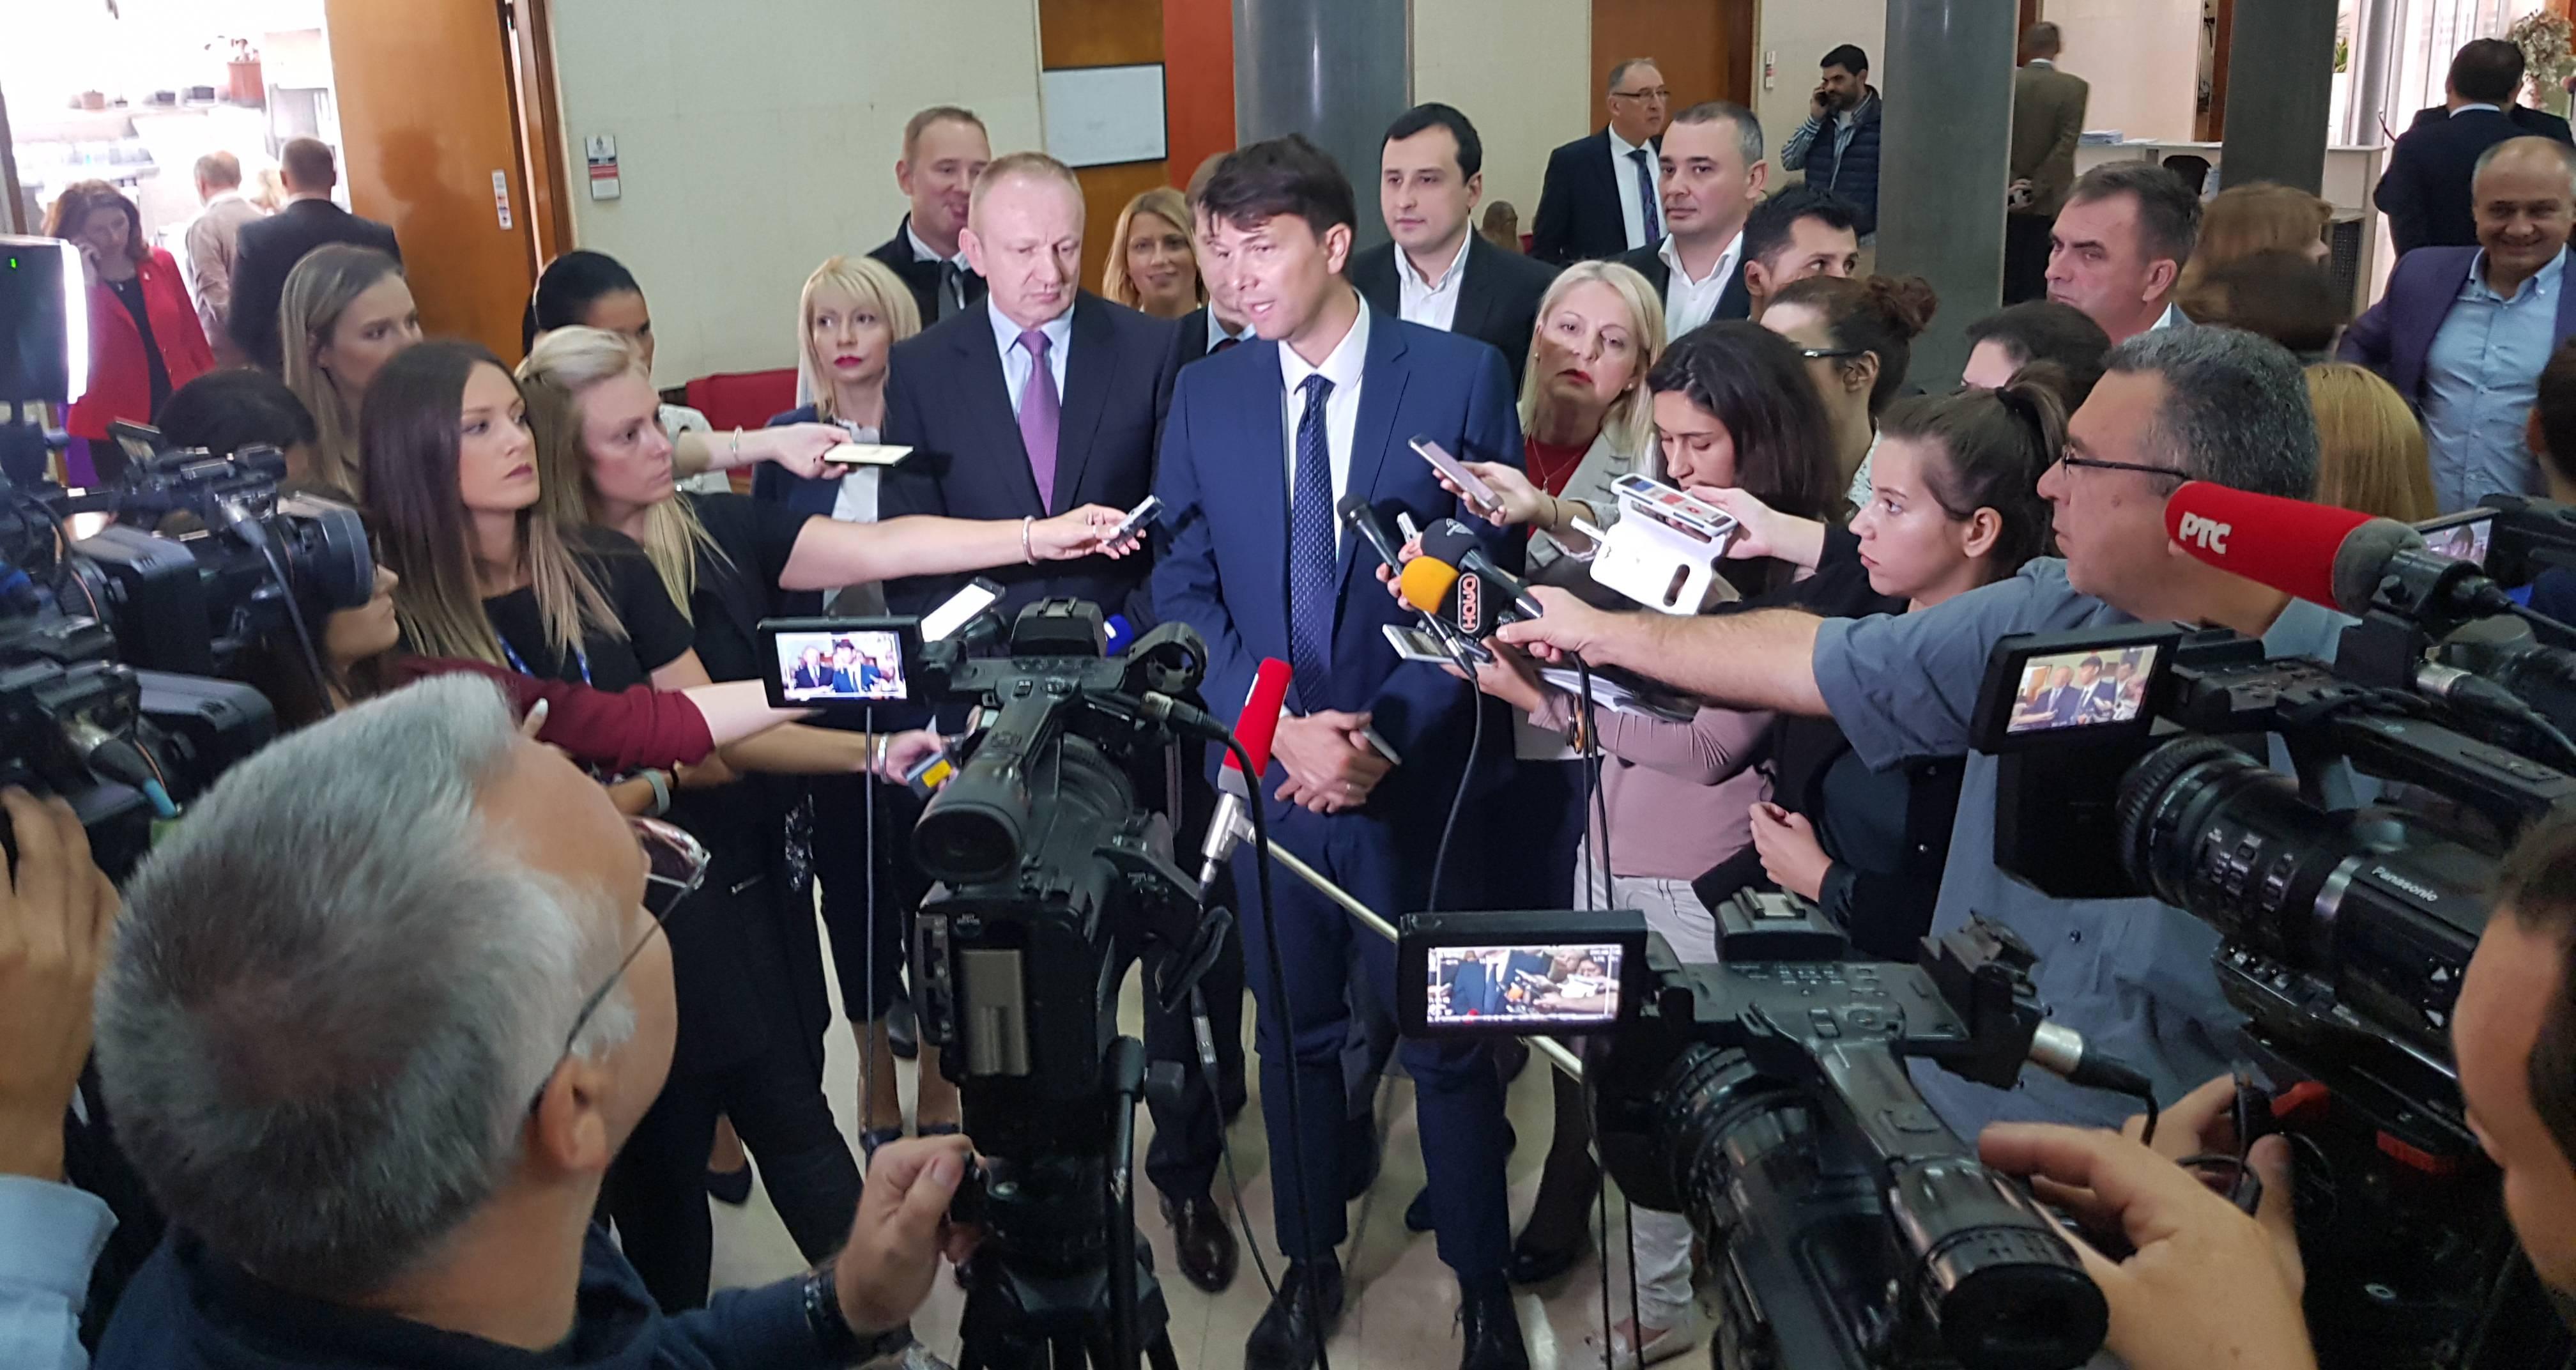 Јовановић пита Ану Брнабић: Зашто лажете о сиромаштву у Србији?